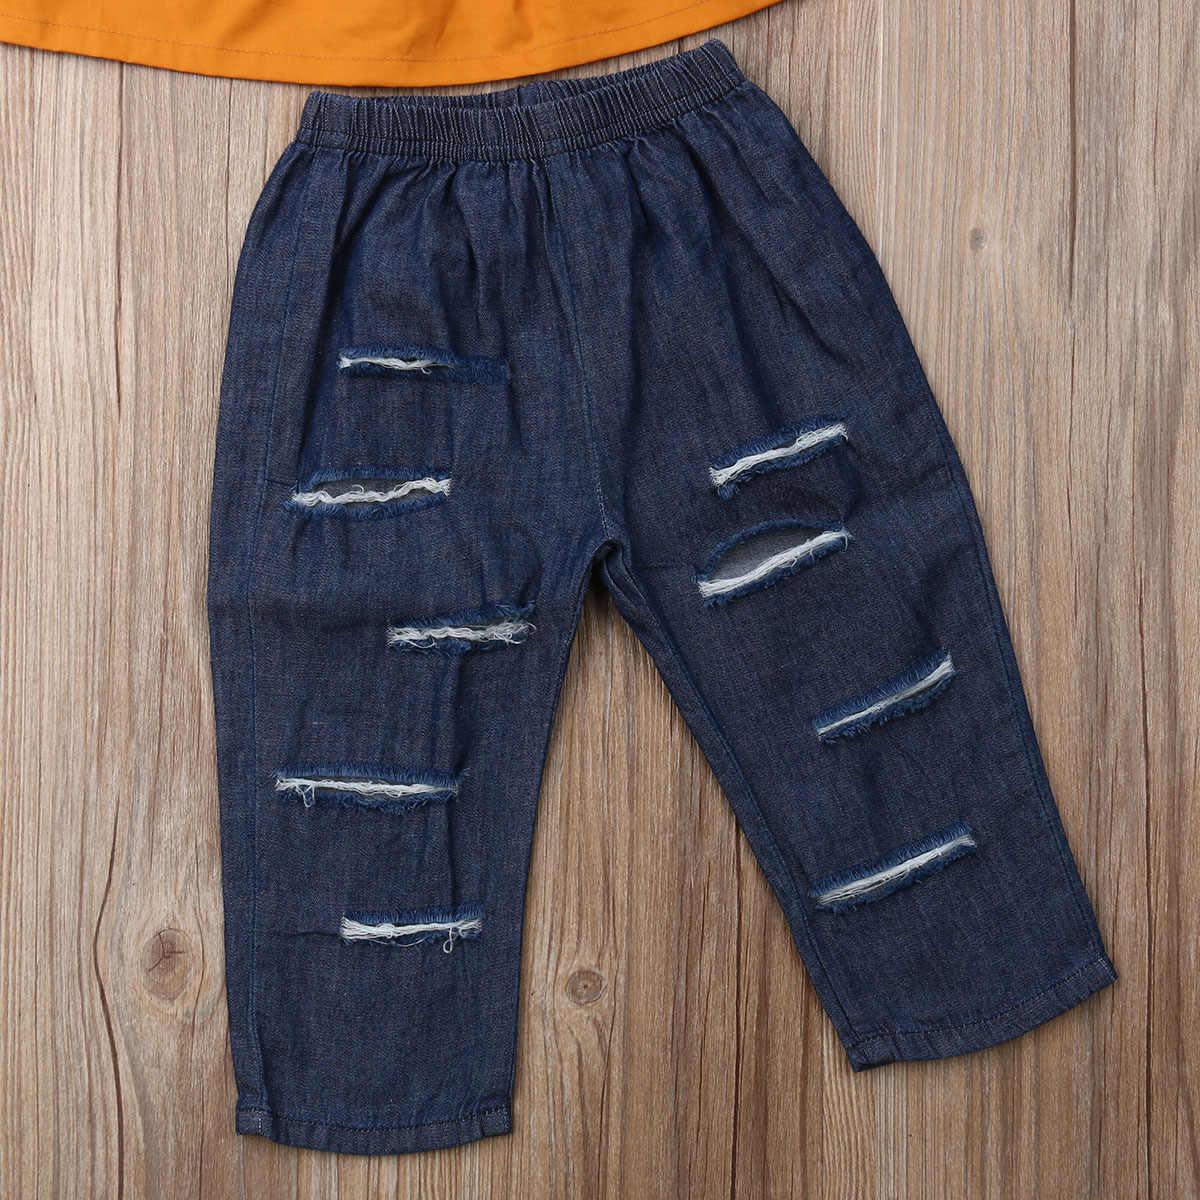 Одноцветные топы с открытыми плечами для маленьких девочек 1-5 лет + джинсовые длинные штаны с дырками, комплект одежды